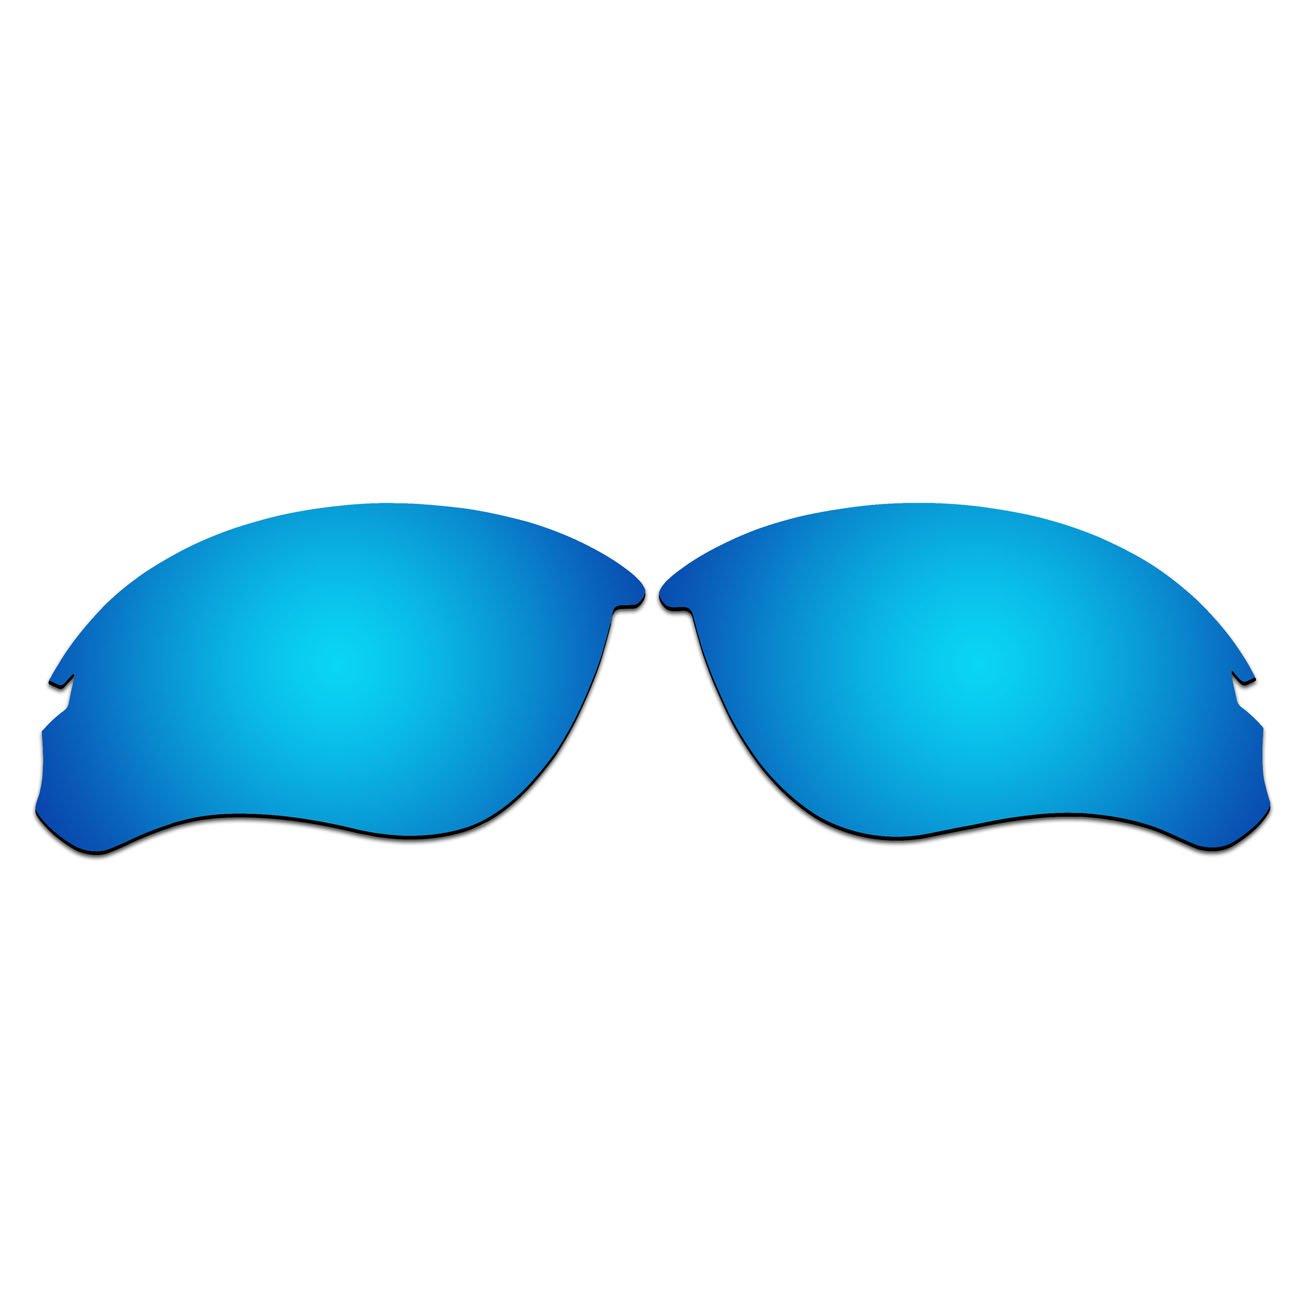 ed01312012 Ice Blue - Polarized Titanium - Polarized. Quantity  Description.  ACOMPATIBLE manufactures sunglasses replacement lenses ...